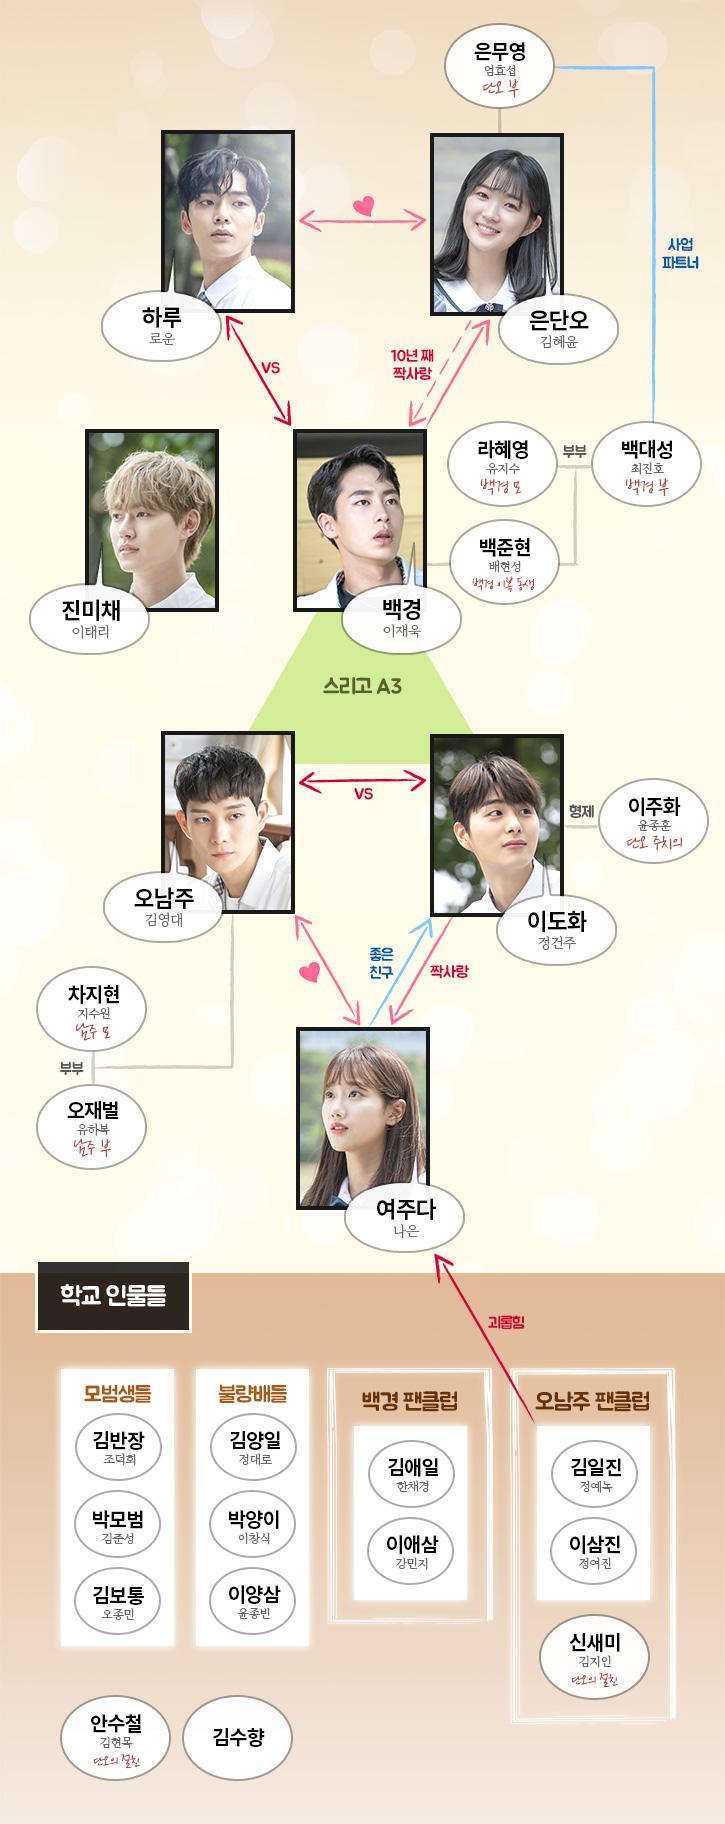 MBC'어쩌다 발견한 하루' 홈페이지 인물관계도 사진캡처